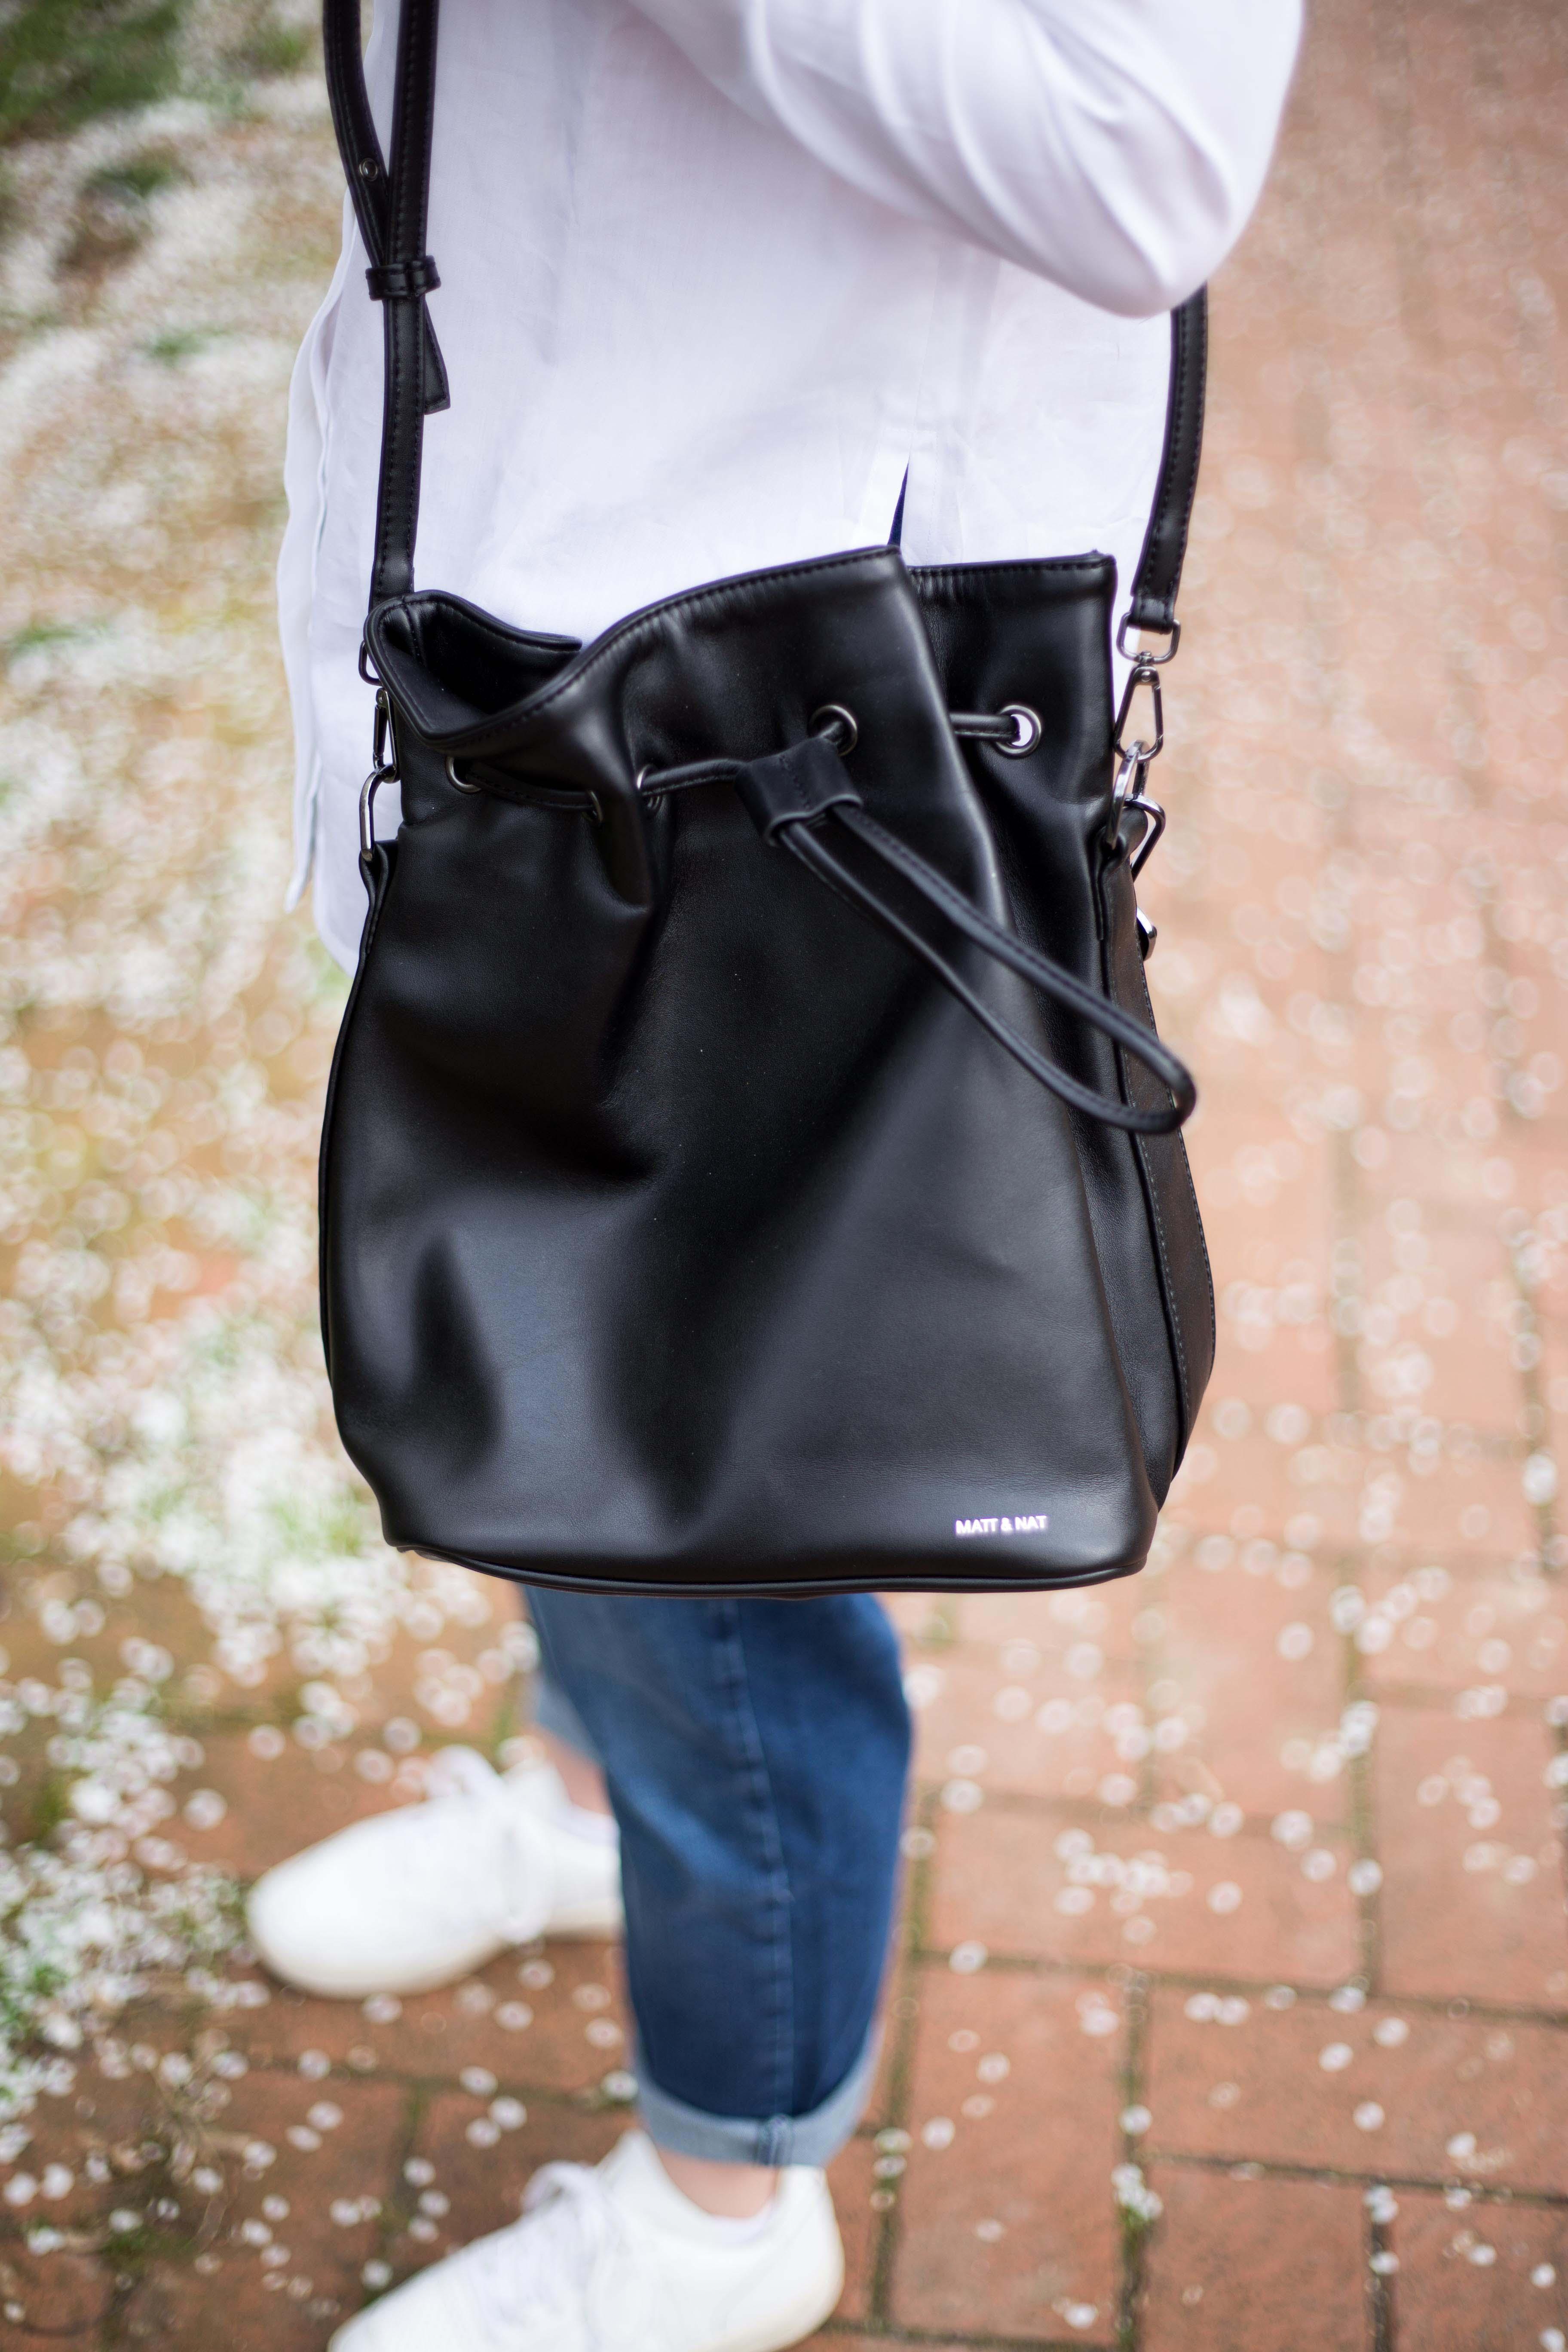 Schwarze Tasche Matt & Nat